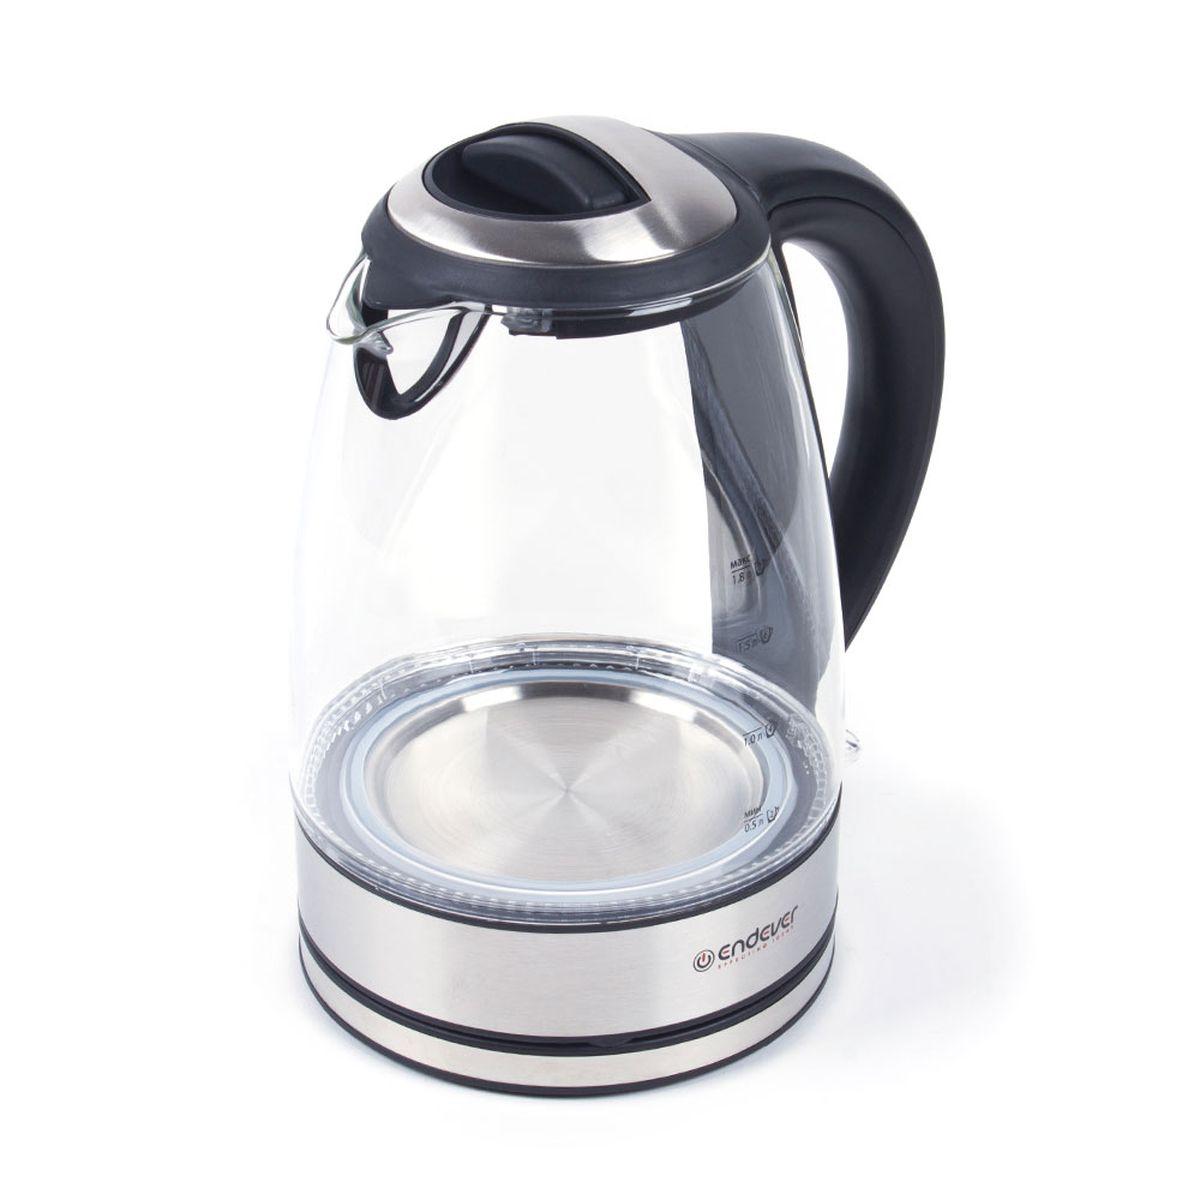 Endever KR-316G Skyline чайник электрическийKR-316GEndever KR-316G Skyline - это мощная (2400 Вт) модель большого объема (1,8 л). С помощью этого чайника вы сможете приготовить чай на большую компанию за считанные минуты. Вращающийся корпус сделает использование чайника еще более удобным, а фильтр избавит от попадания накипи в чашку. Корпус из термостойкого ВIO-стекла исключает выделение вредных веществ, кислот и солей, сохраняет полезные свойства и природный вкус воды.